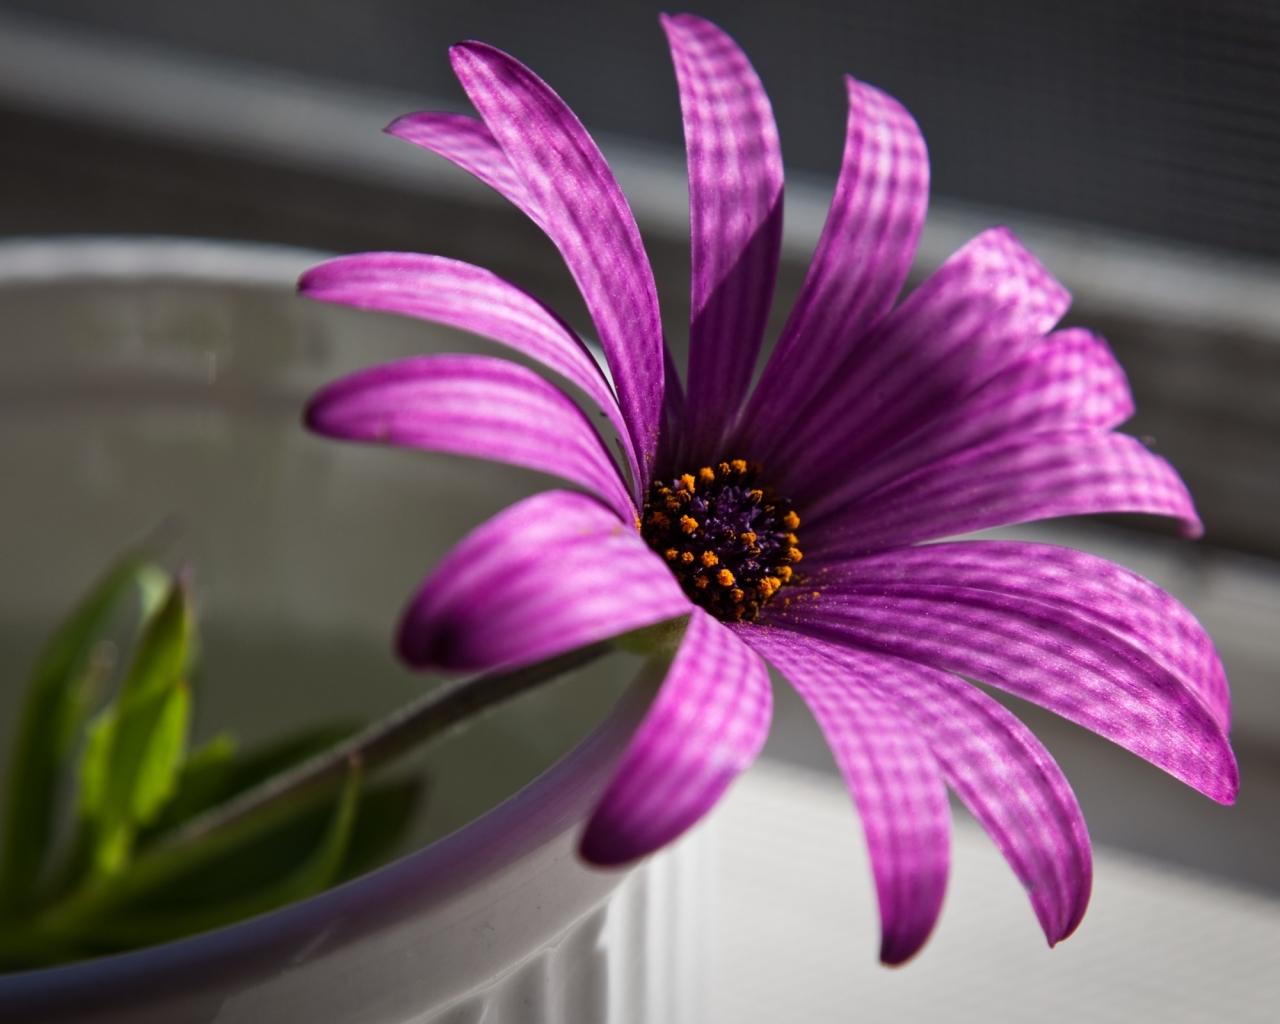 Flor purpura - 1280x1024